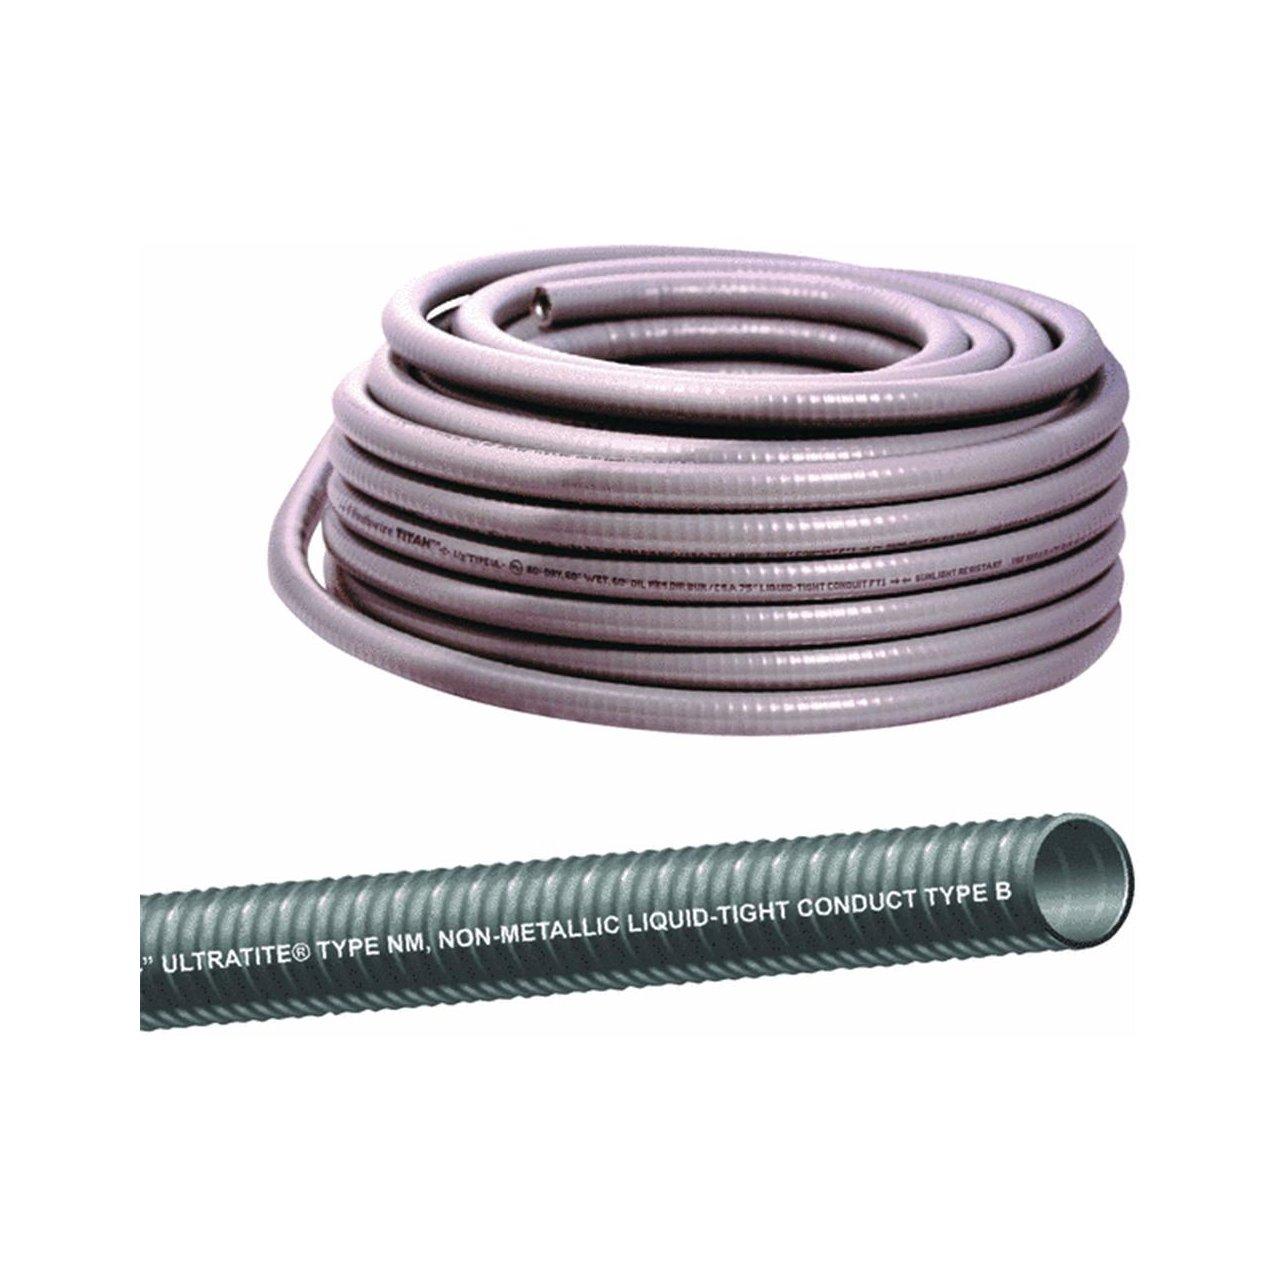 Southwire 55094322 Liquidtite 3/4 in. X 50 ft. Ultratite Non-Metallic Conduit